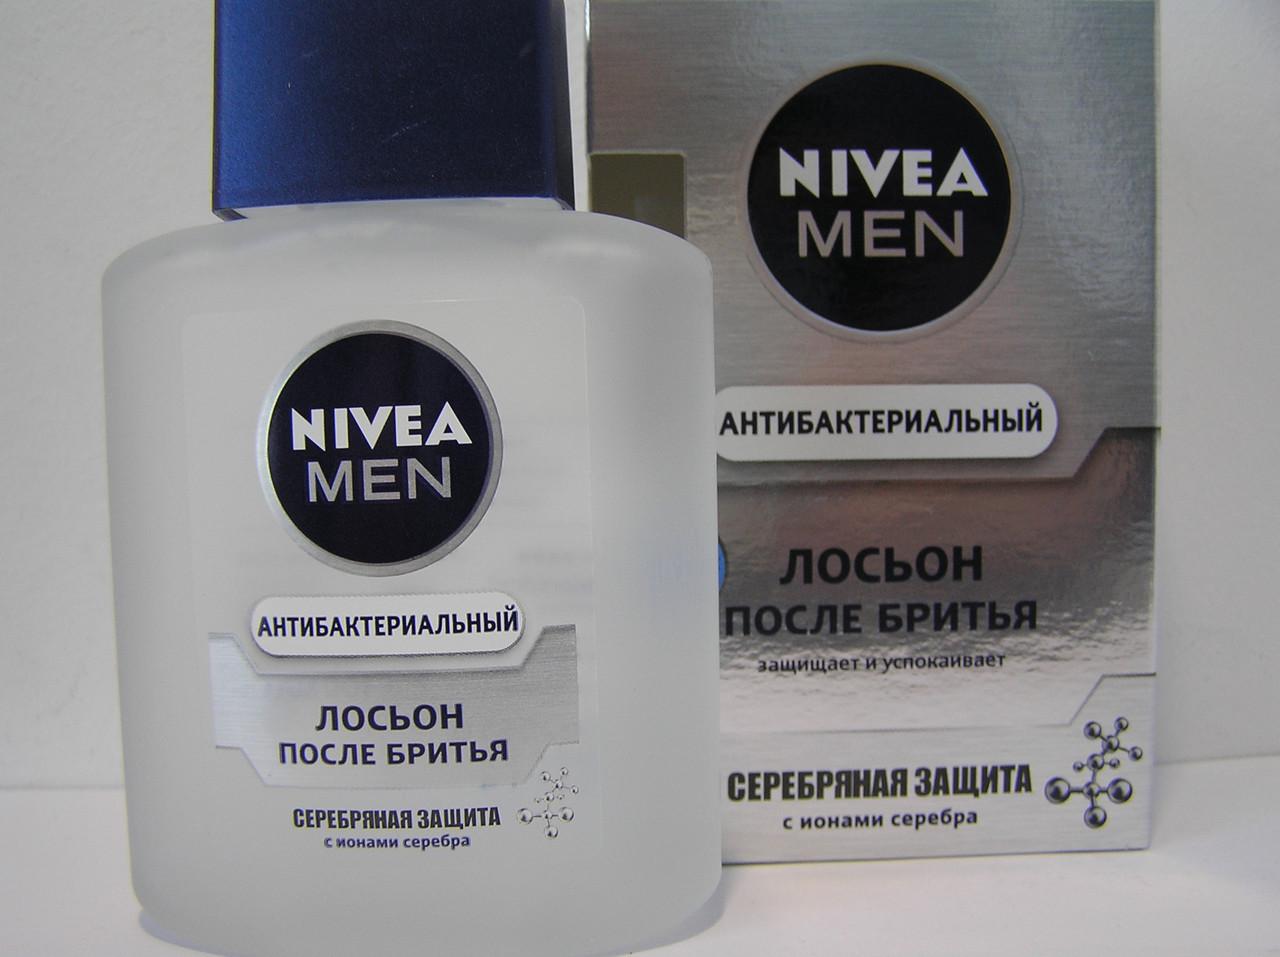 Лосьон после бритья мужской Nivea 100 мл. (Нивея Антибактериальный Серебряная защита)